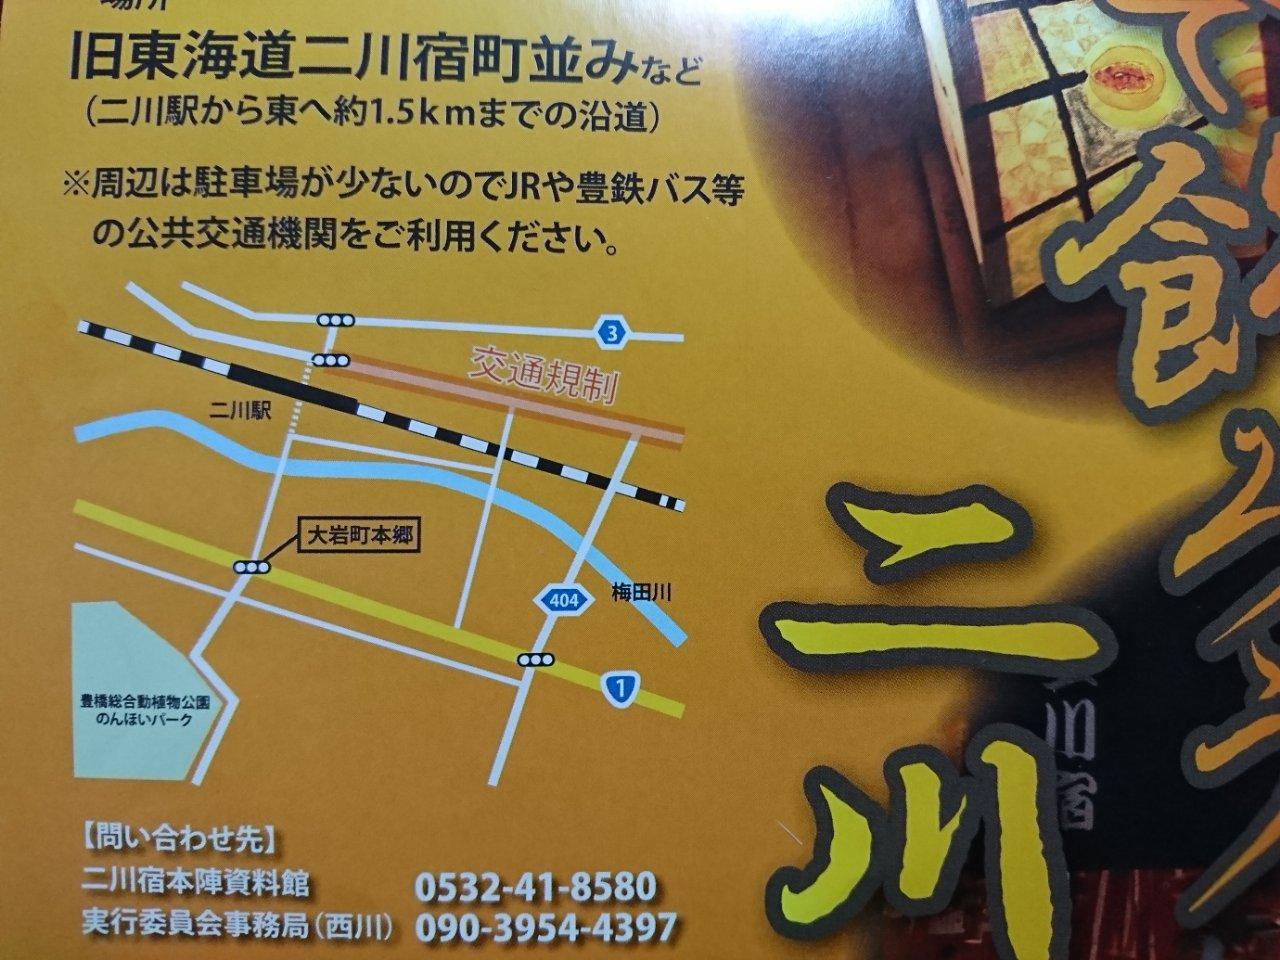 二川宿街並みの交通規制図